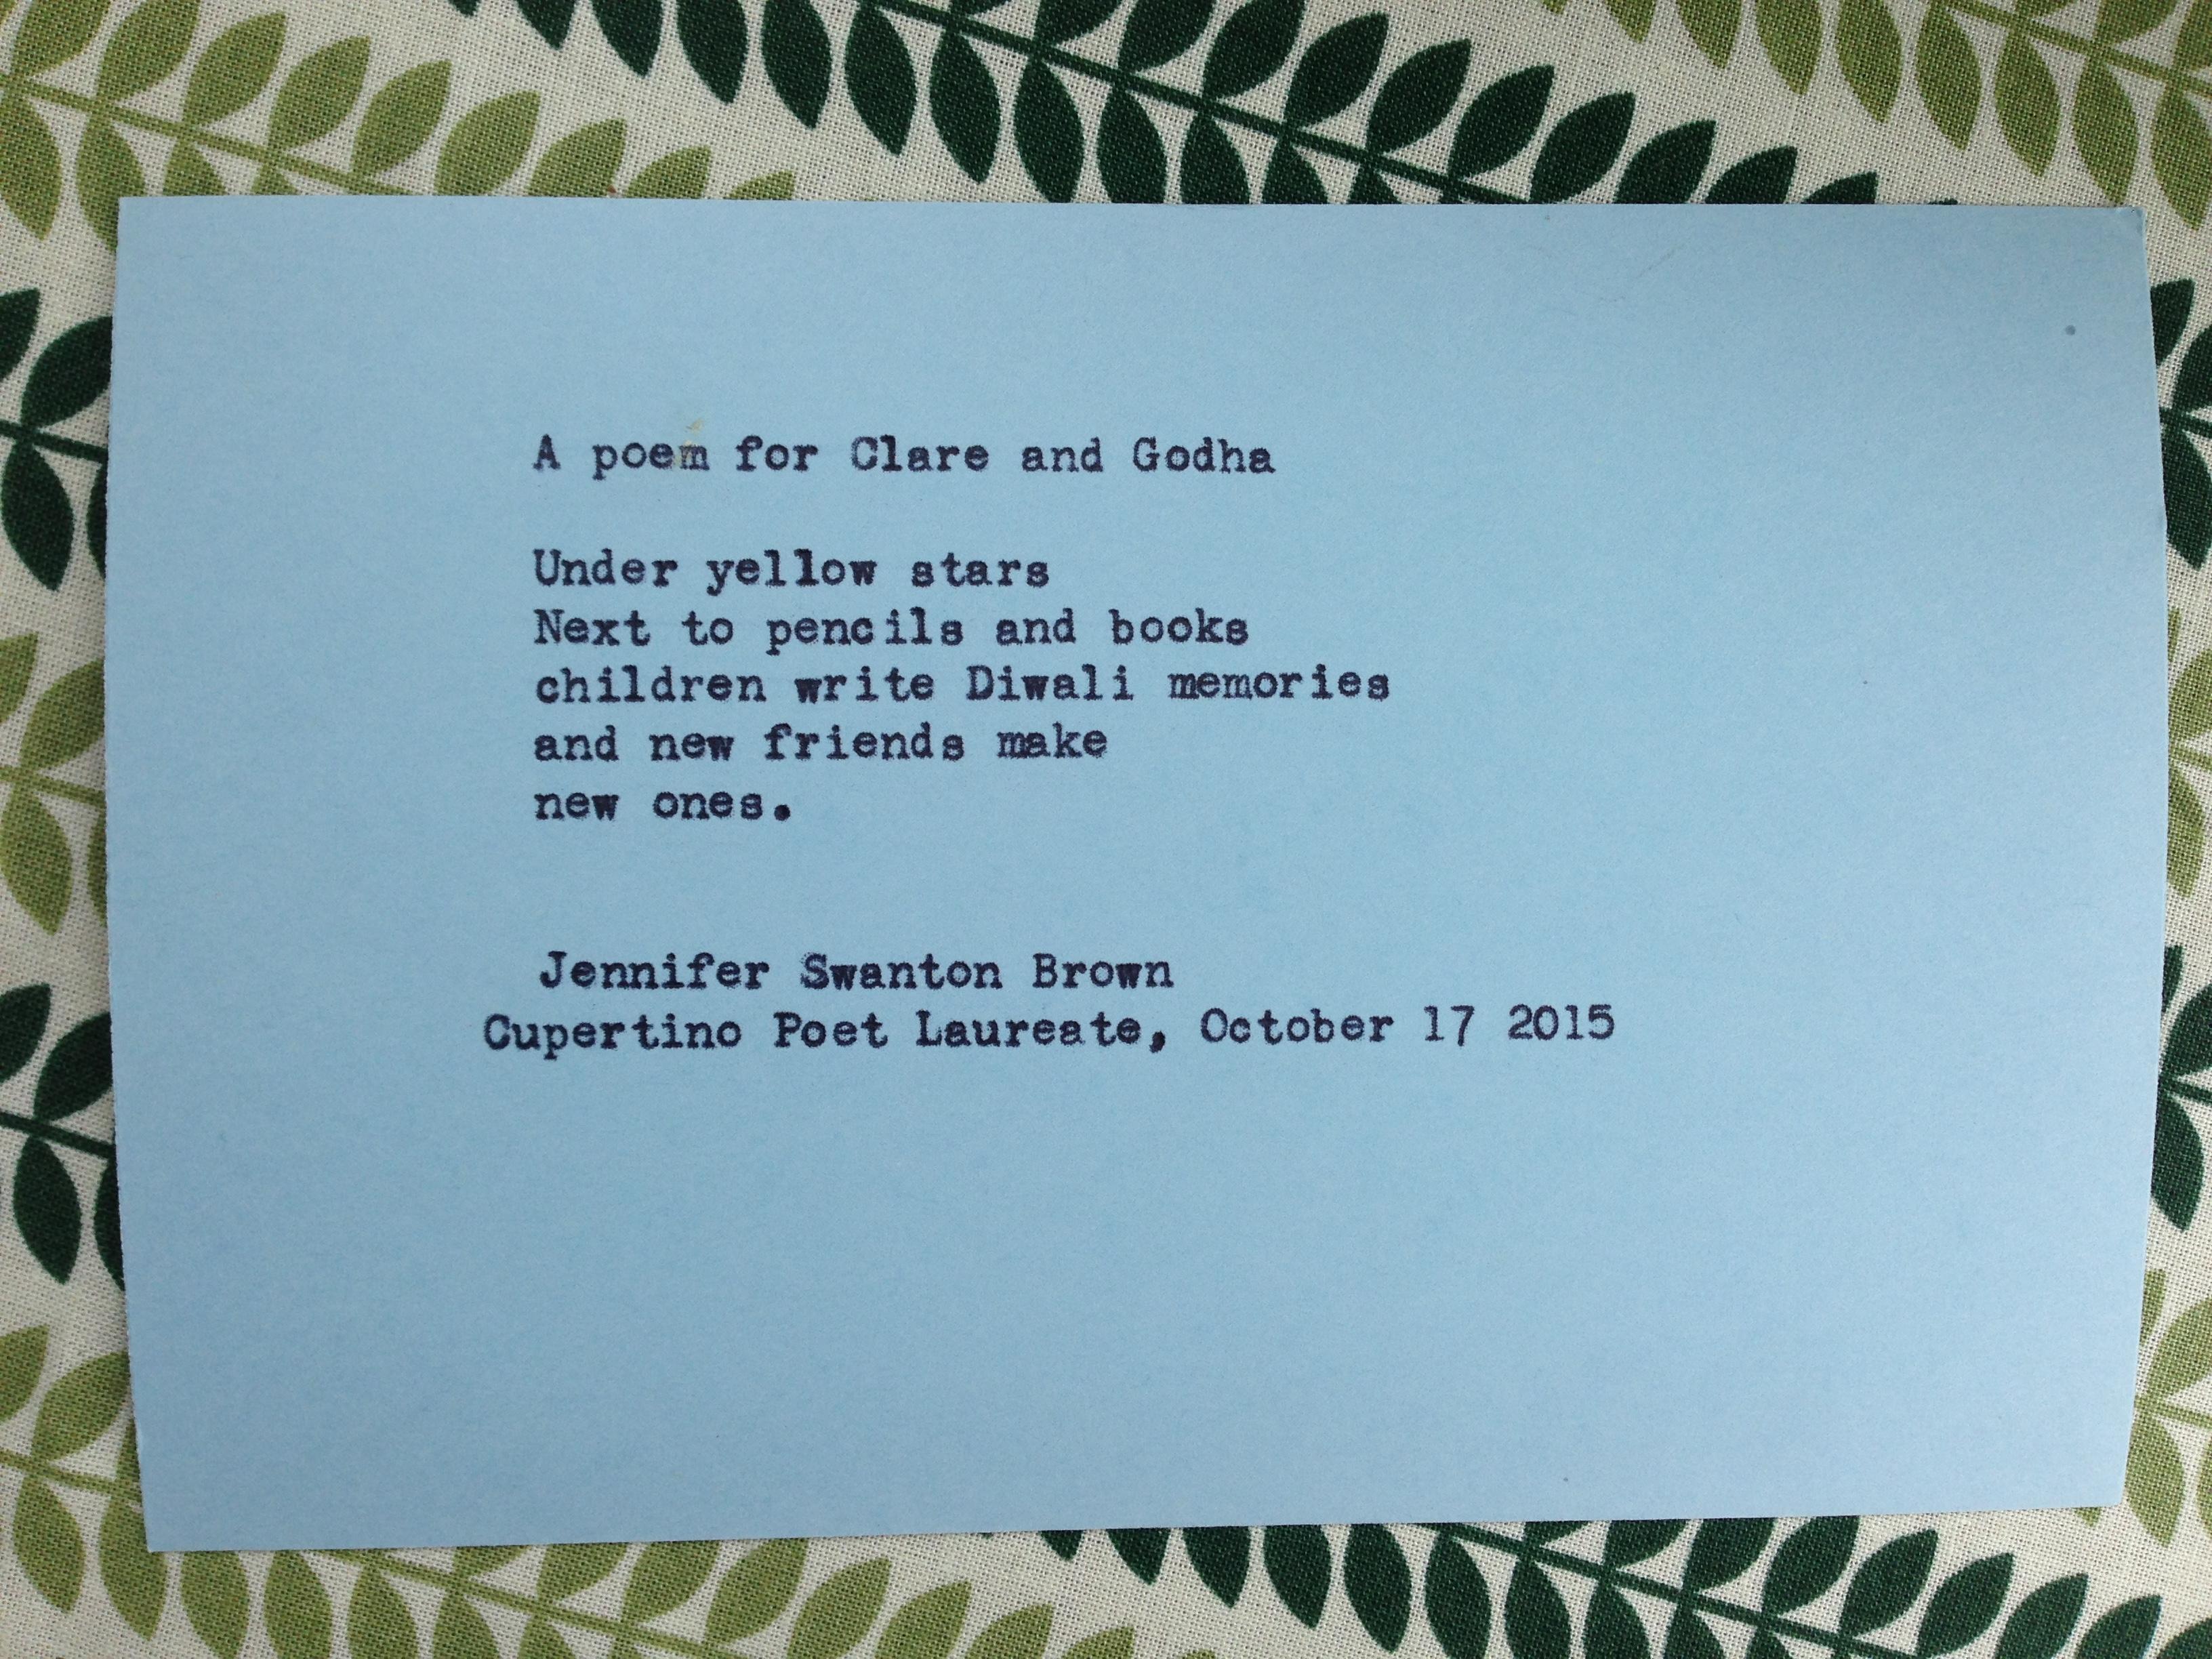 International Poetry – Cupertino Poet Laureate